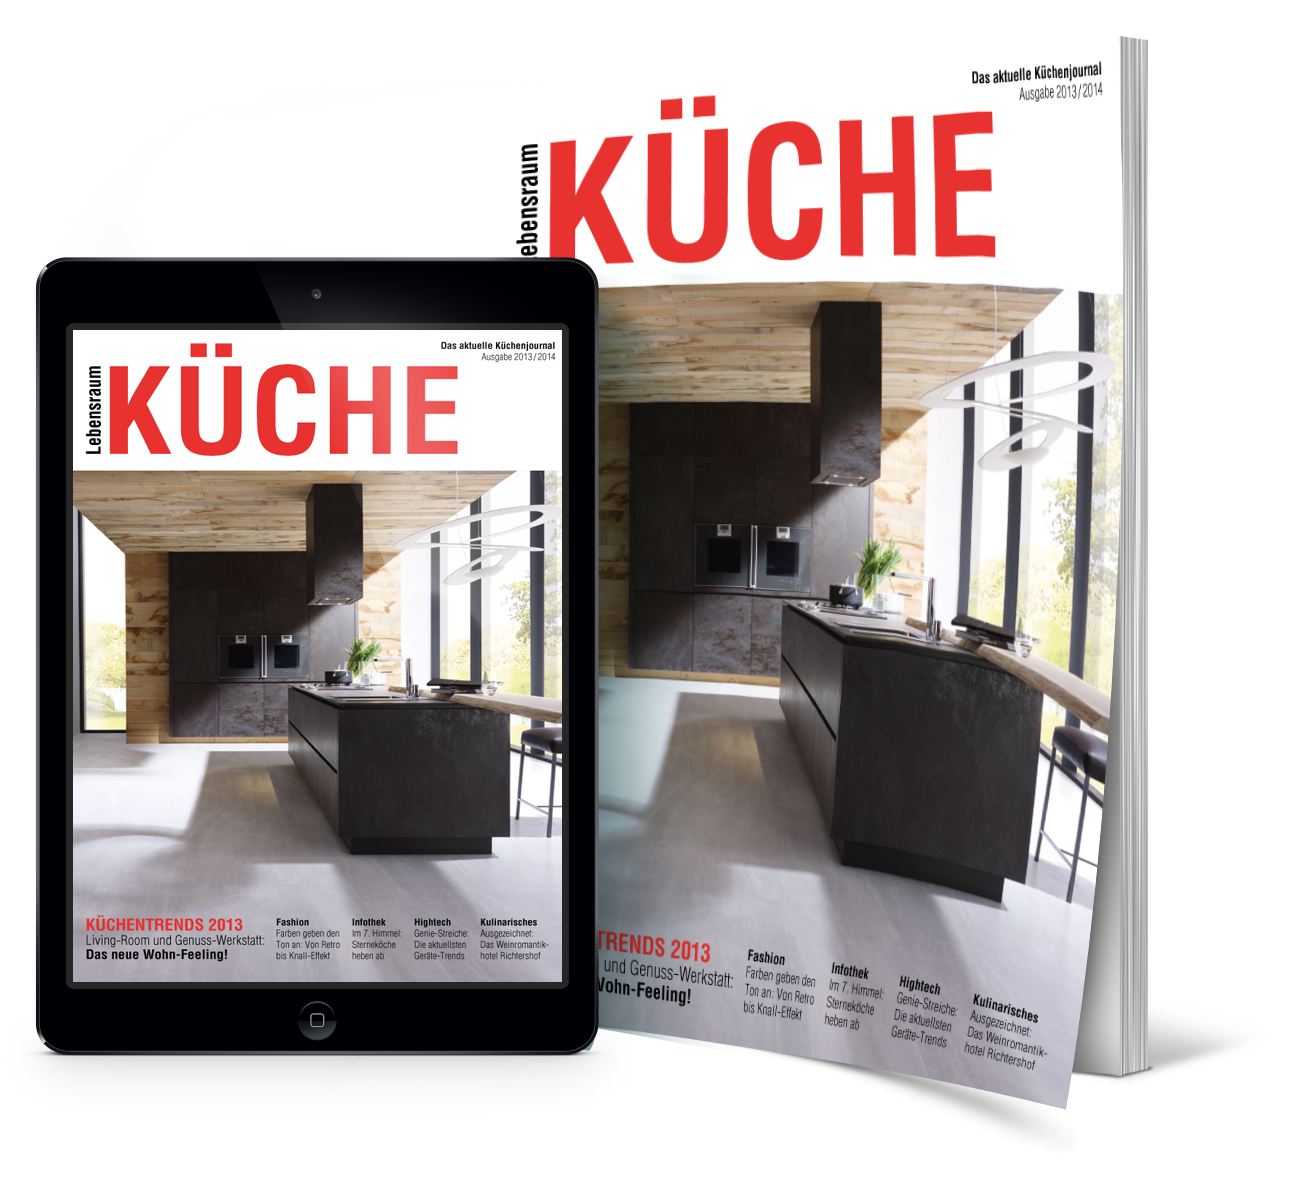 kuechen-journal_mockup